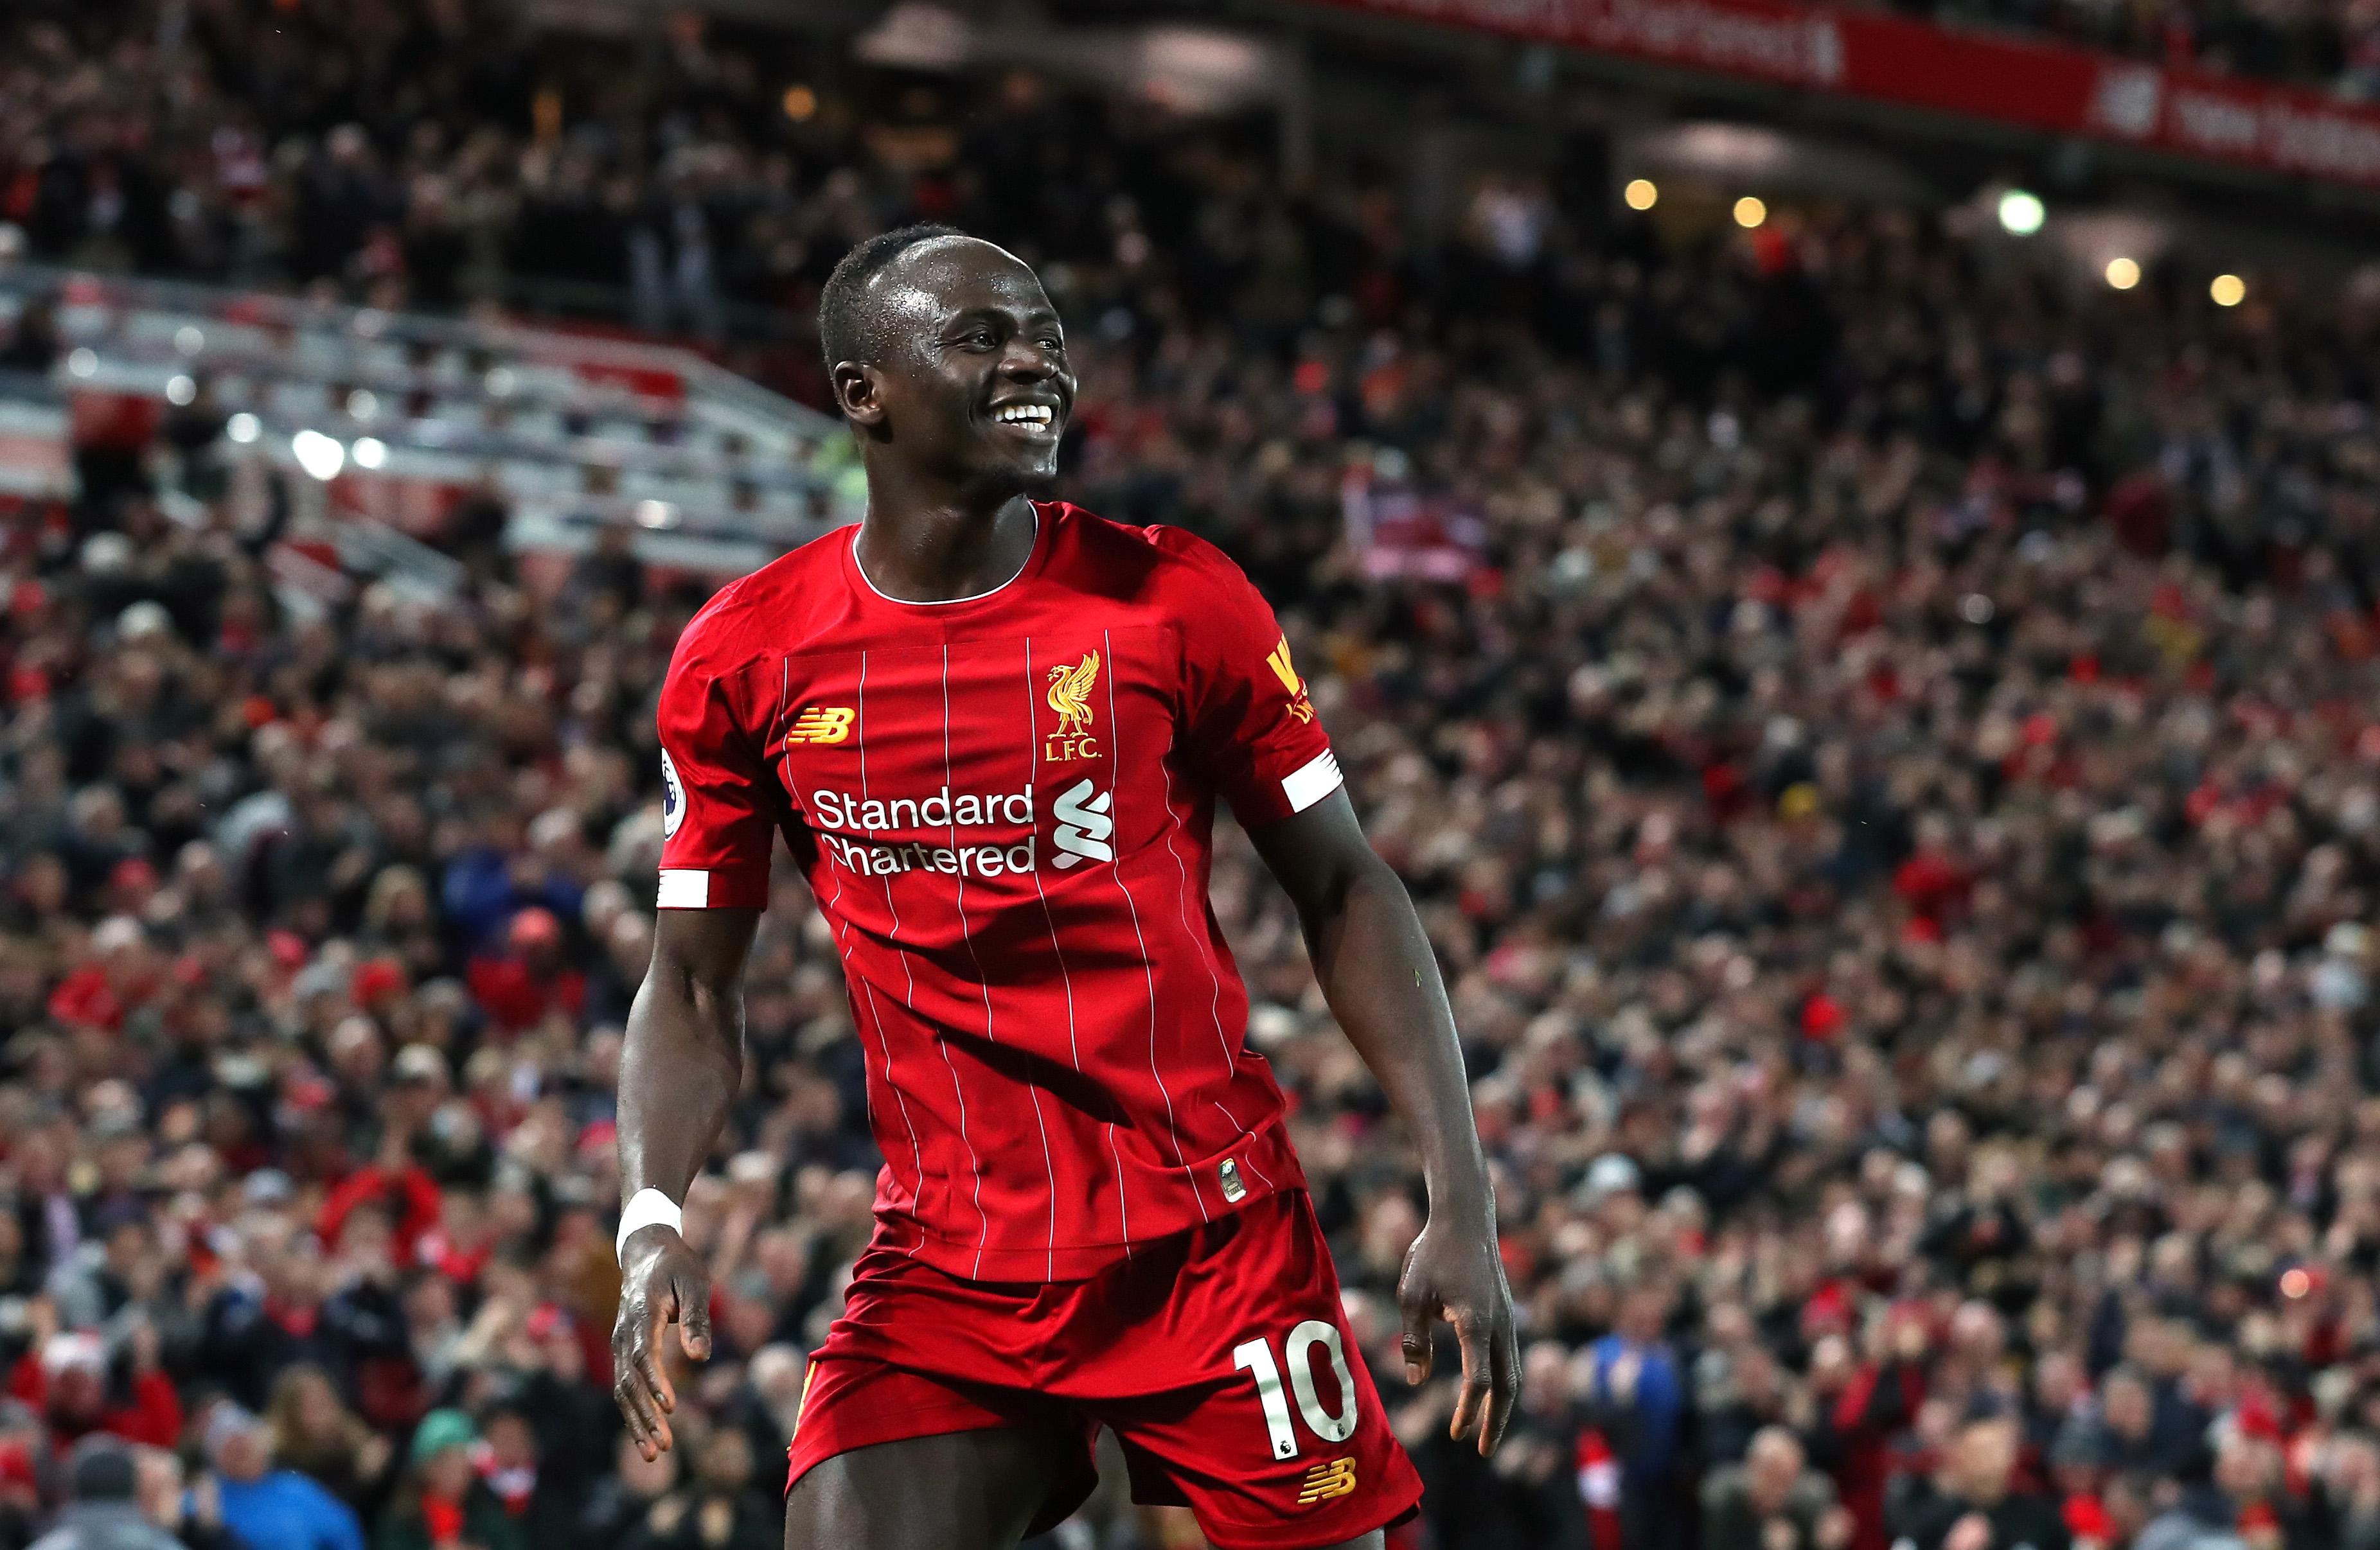 Liverpool có thể vô địch ở vòng đấu bao nhiêu? - Bóng Đá